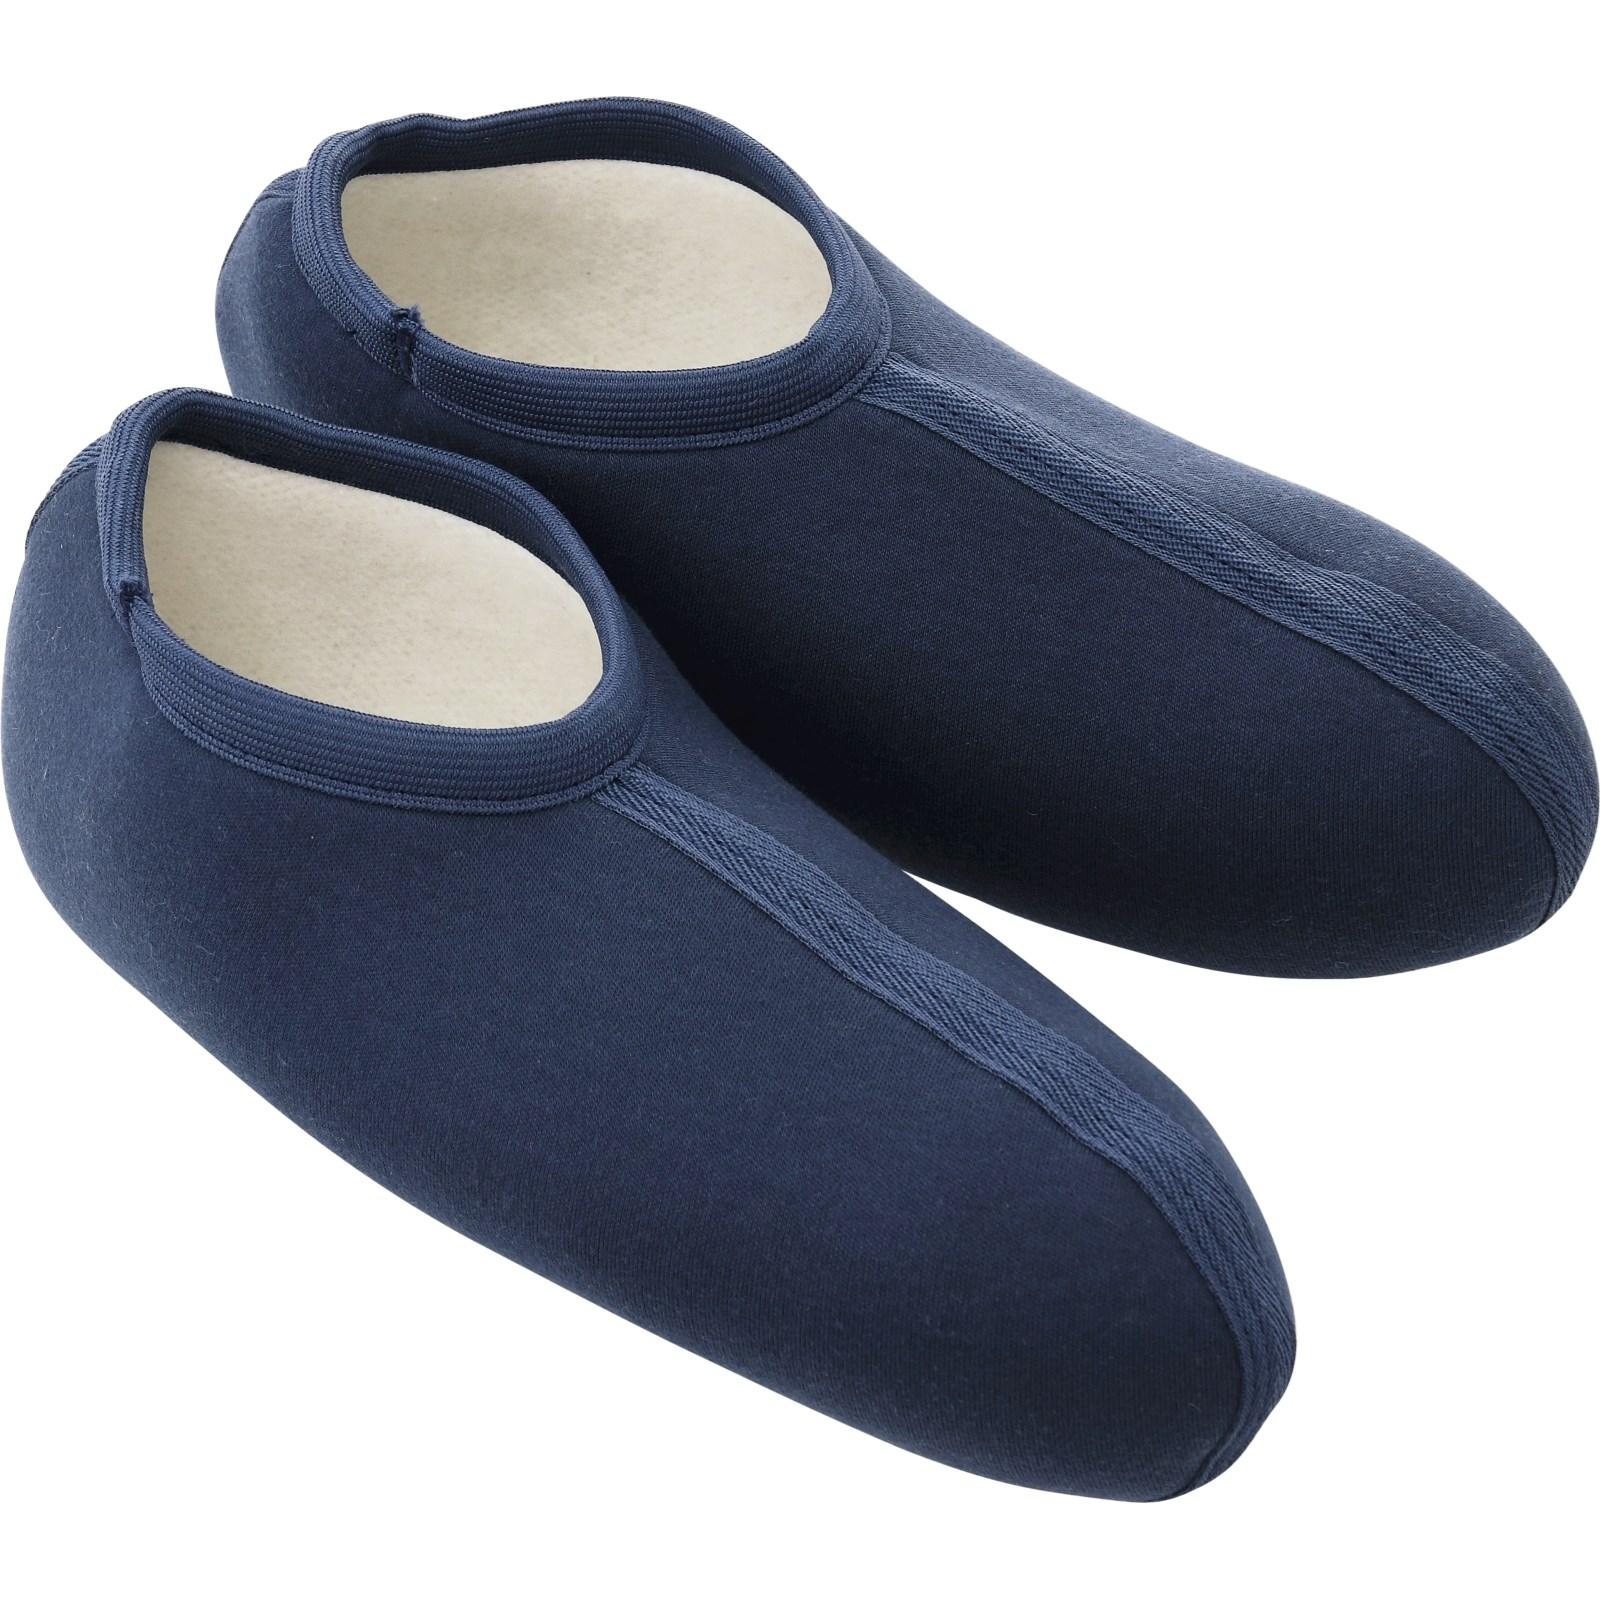 chaussons pour bottes accessoires pour chaussures landi. Black Bedroom Furniture Sets. Home Design Ideas